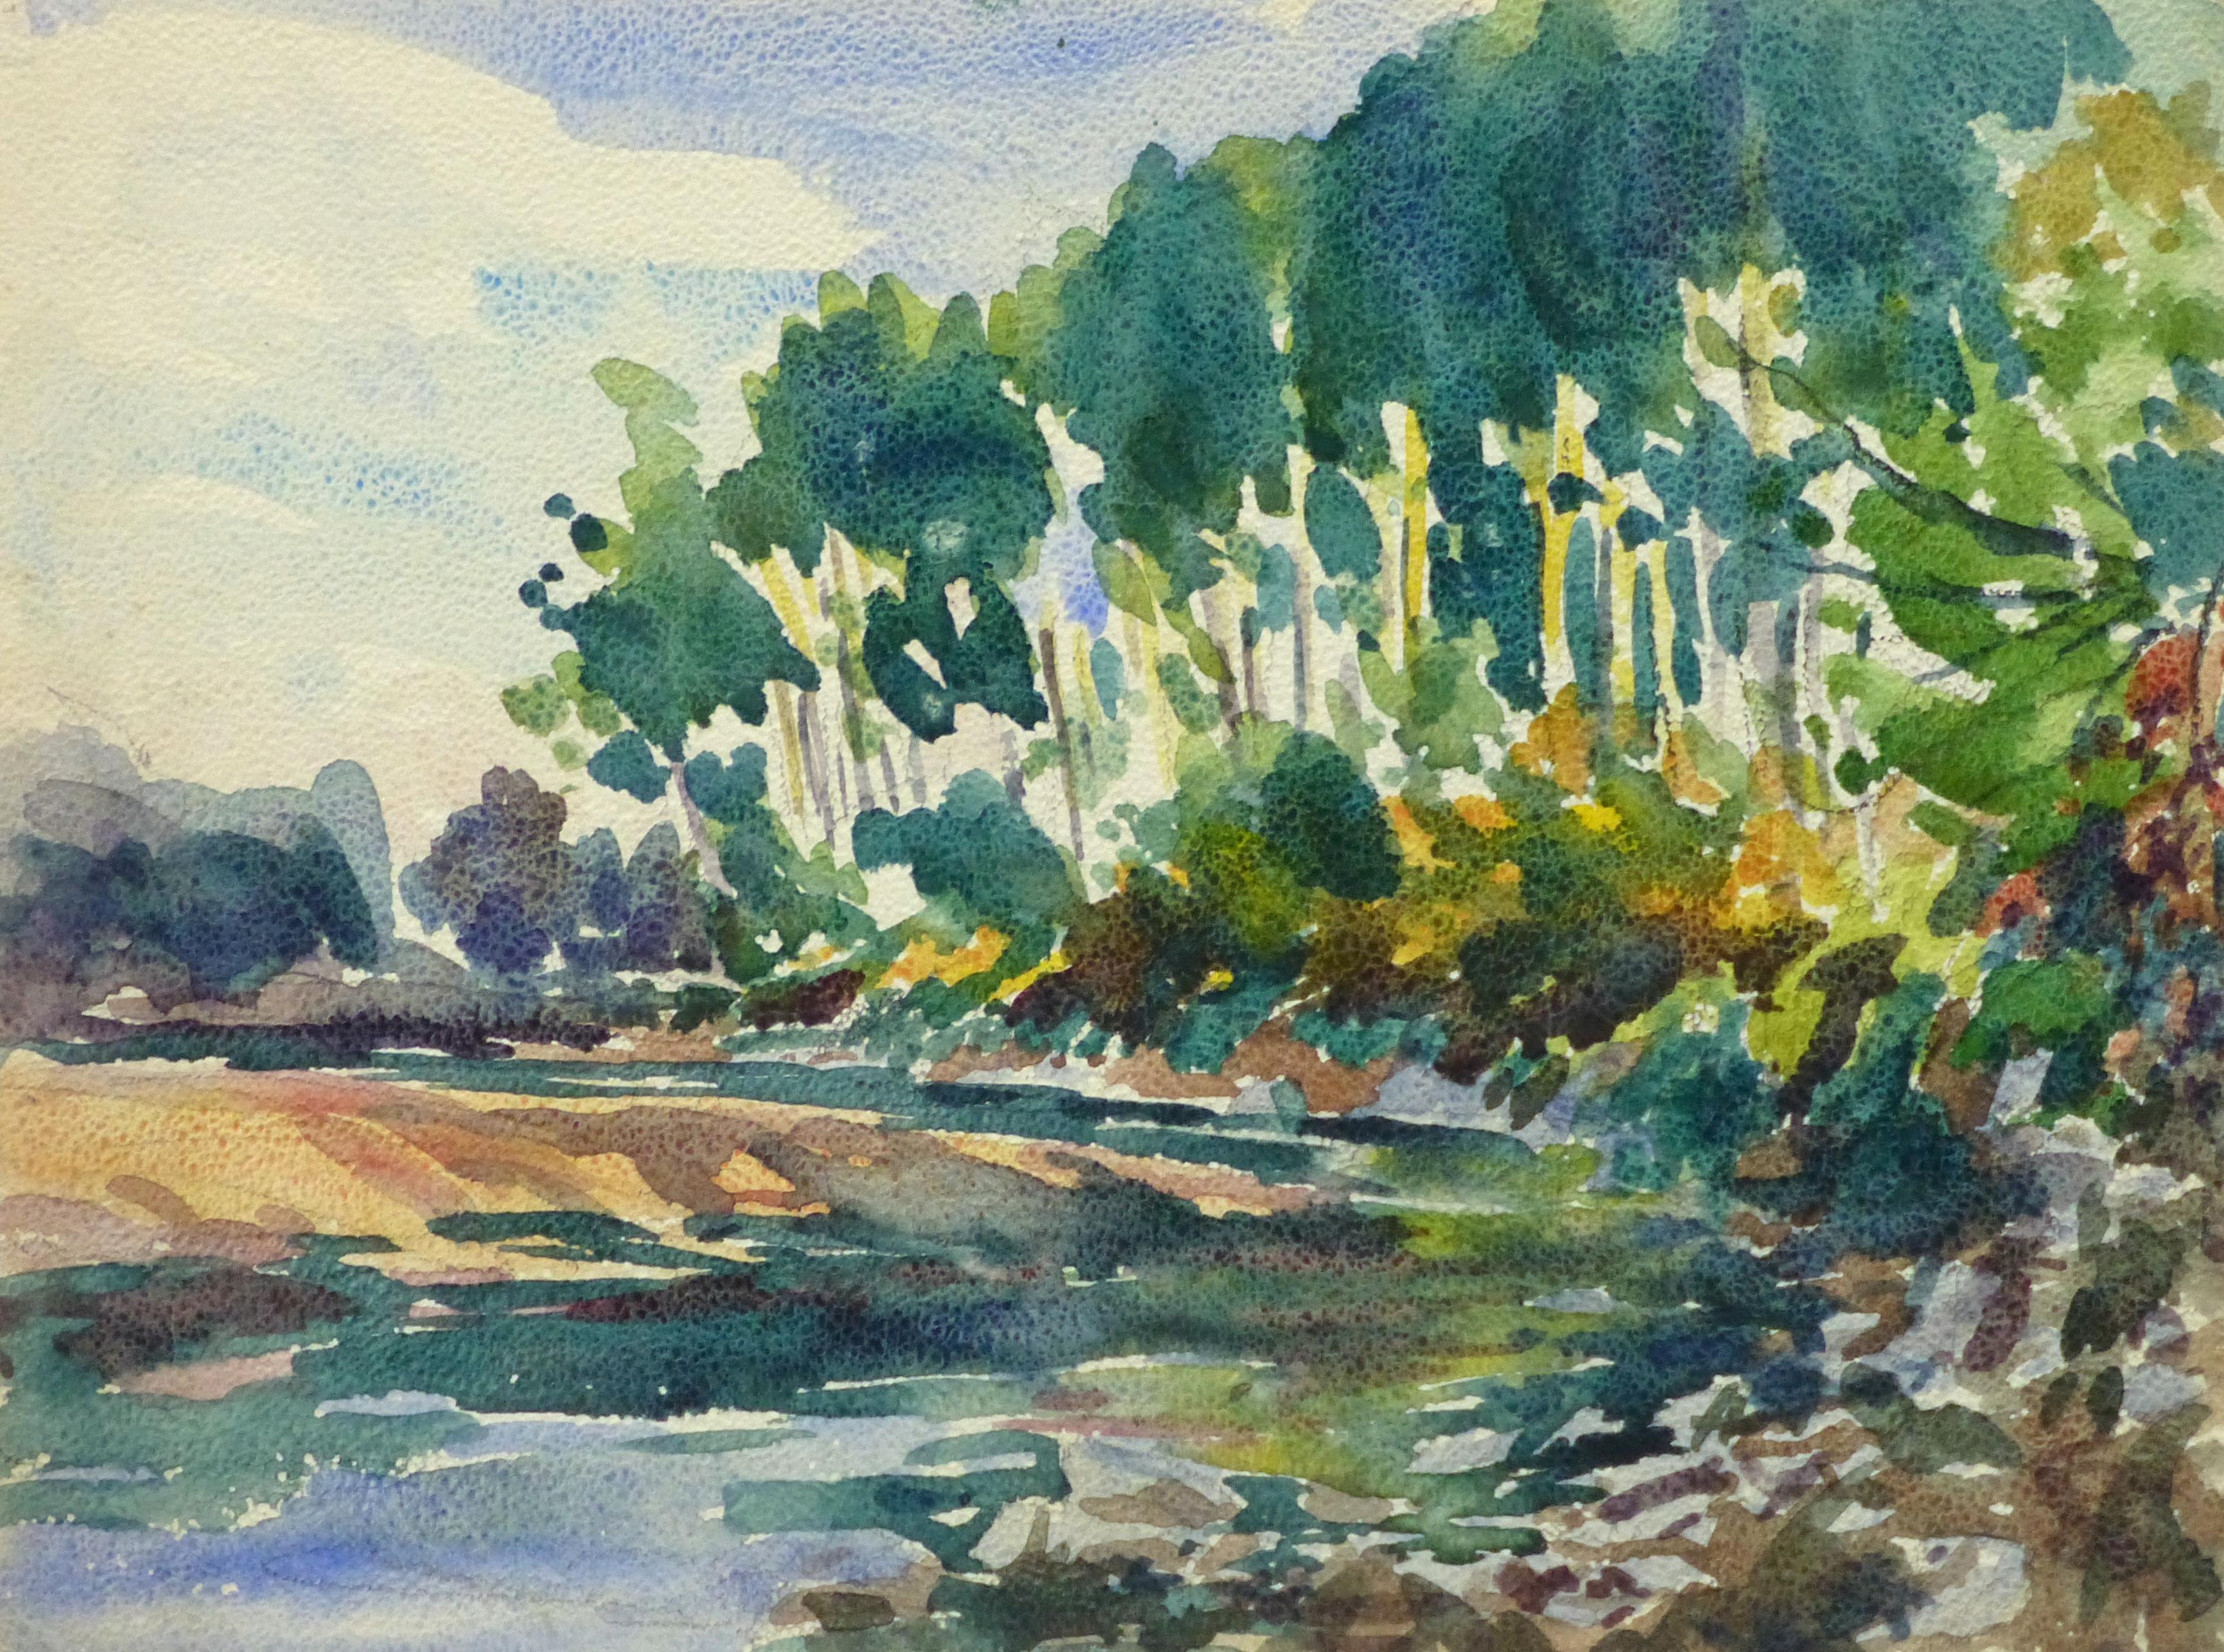 Watercolor Landscape - Winding River, Circa 1930-main-10720M